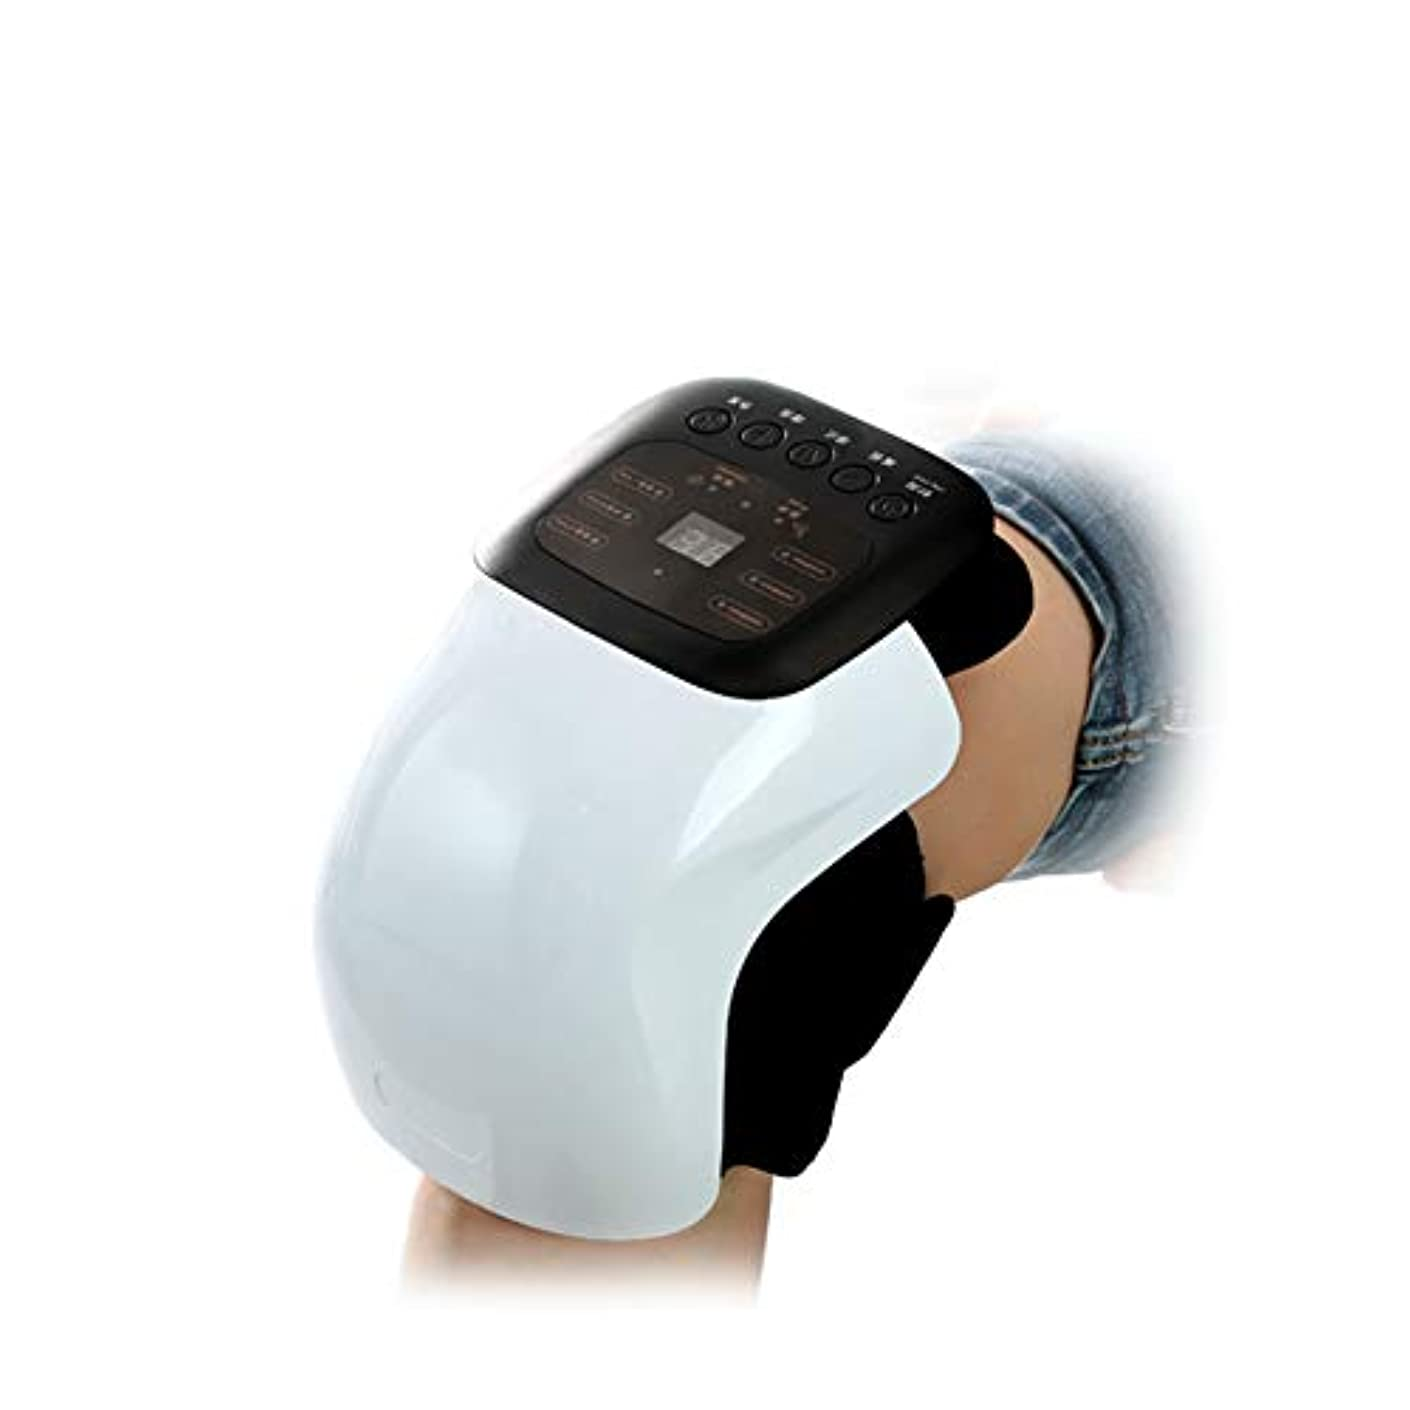 リゾート嵐赤外線変形性関節症リウマチ関節炎、電気痛緩和ケア用品のためのパルス、振動、加熱を伴うスマートニー理学療法マッサージ器